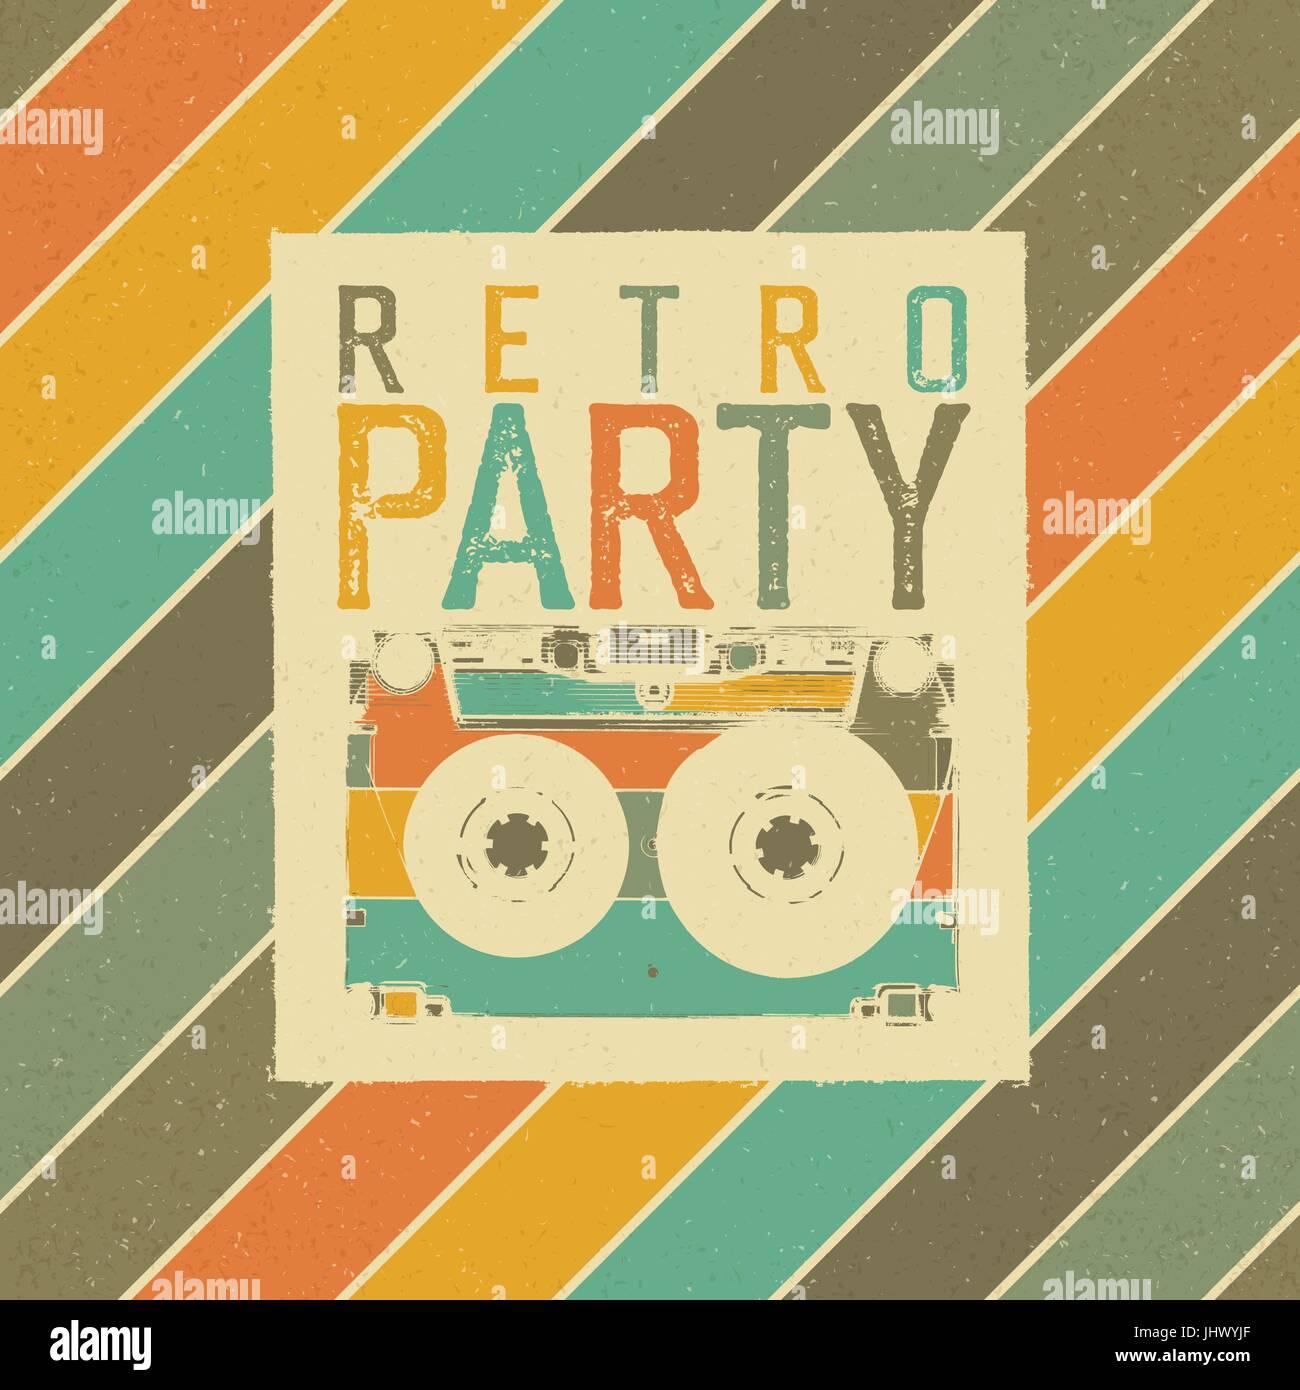 Retro Party Das Beste Der 80er Jahre Vintage Music Party Flyer